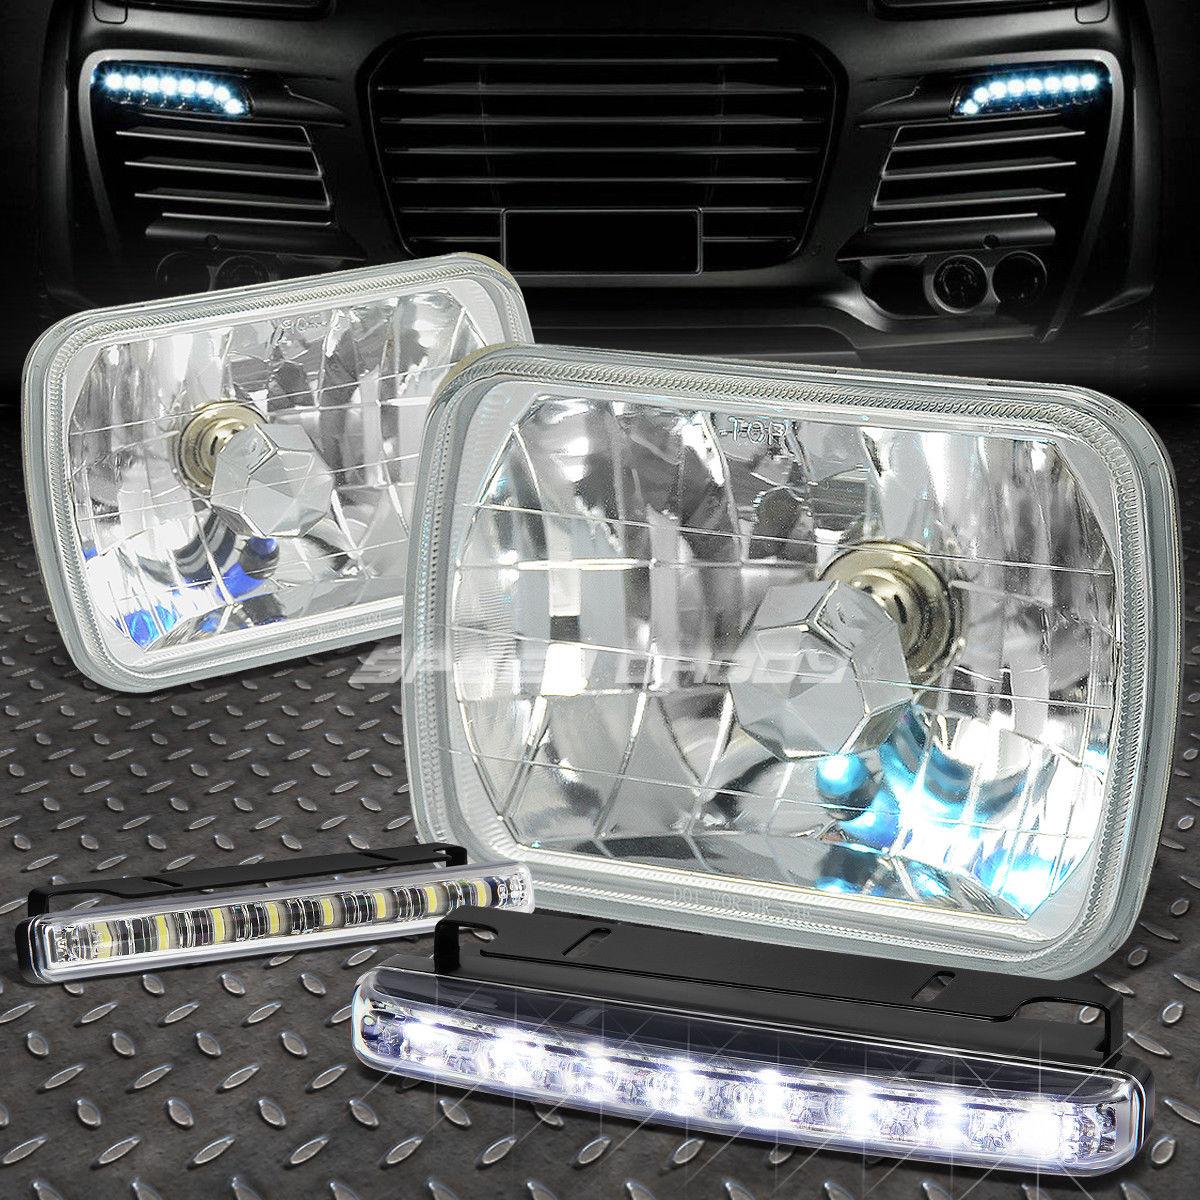 フォグライト CLEAR SQUARE DIAMOND PROJECTOR HEADLIGHT+8 LED GRILL FOG LIGHT FOR 7X6 H6054 クリアスクエアダイヤモンドプロジェクターヘッドライト+ 7X6 H6054用8 LEDグリルフォグライト